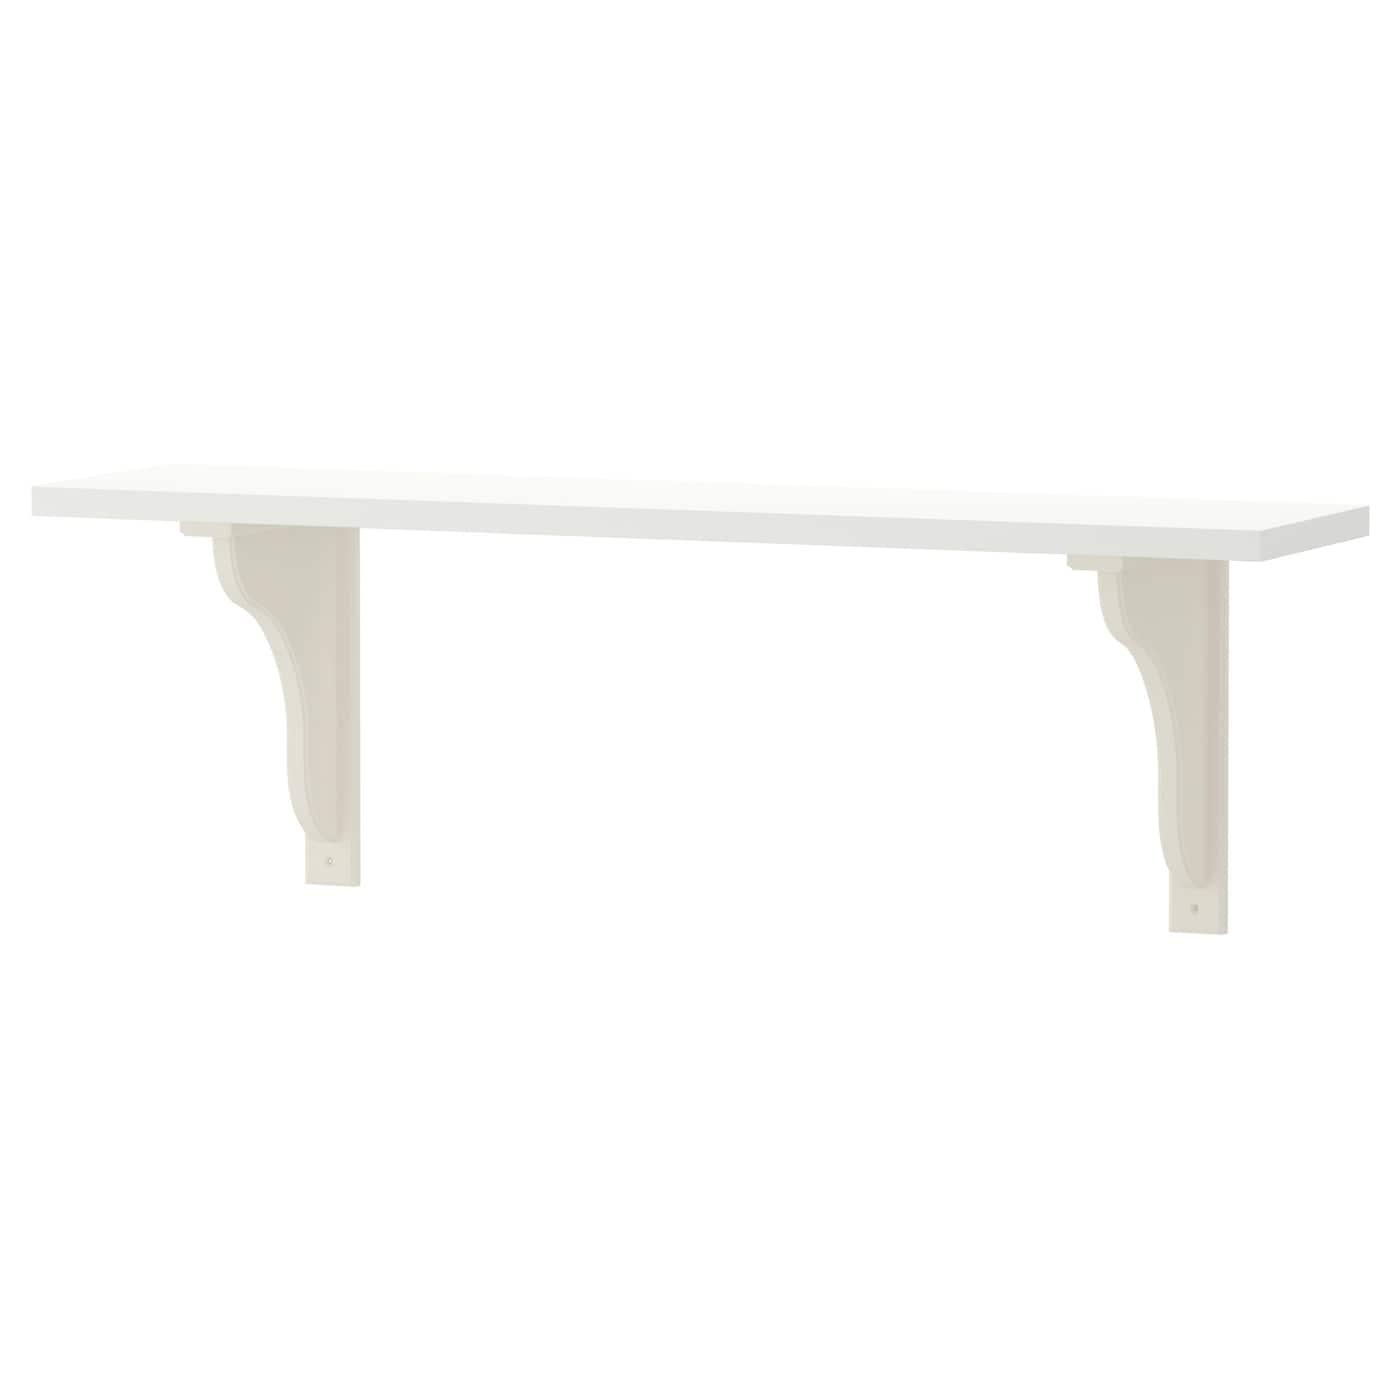 baldas y estantes de pared compra online ikea. Black Bedroom Furniture Sets. Home Design Ideas